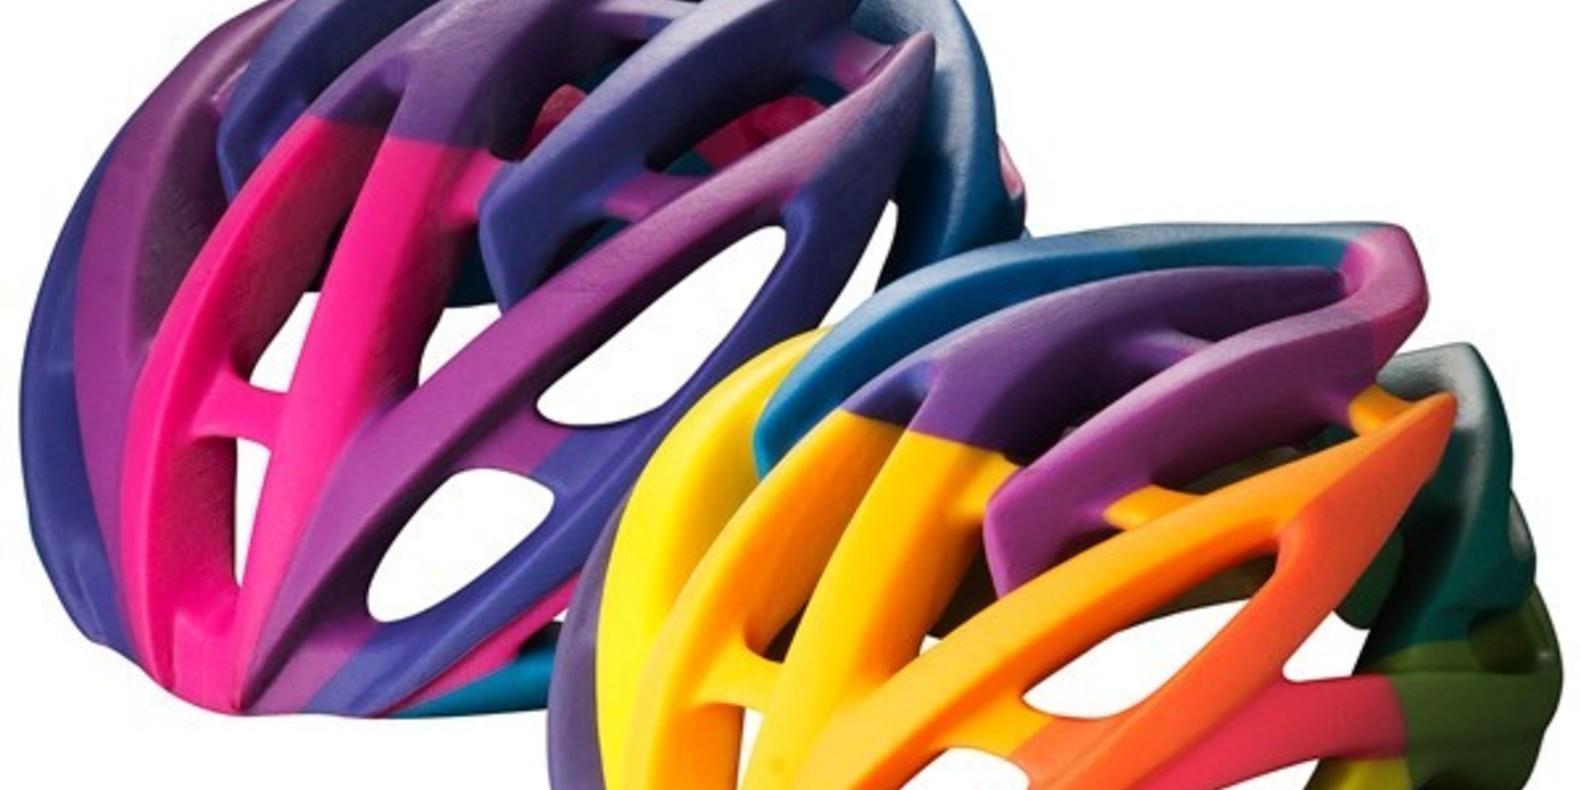 Le guide ultime de l'impression 3D en couleur